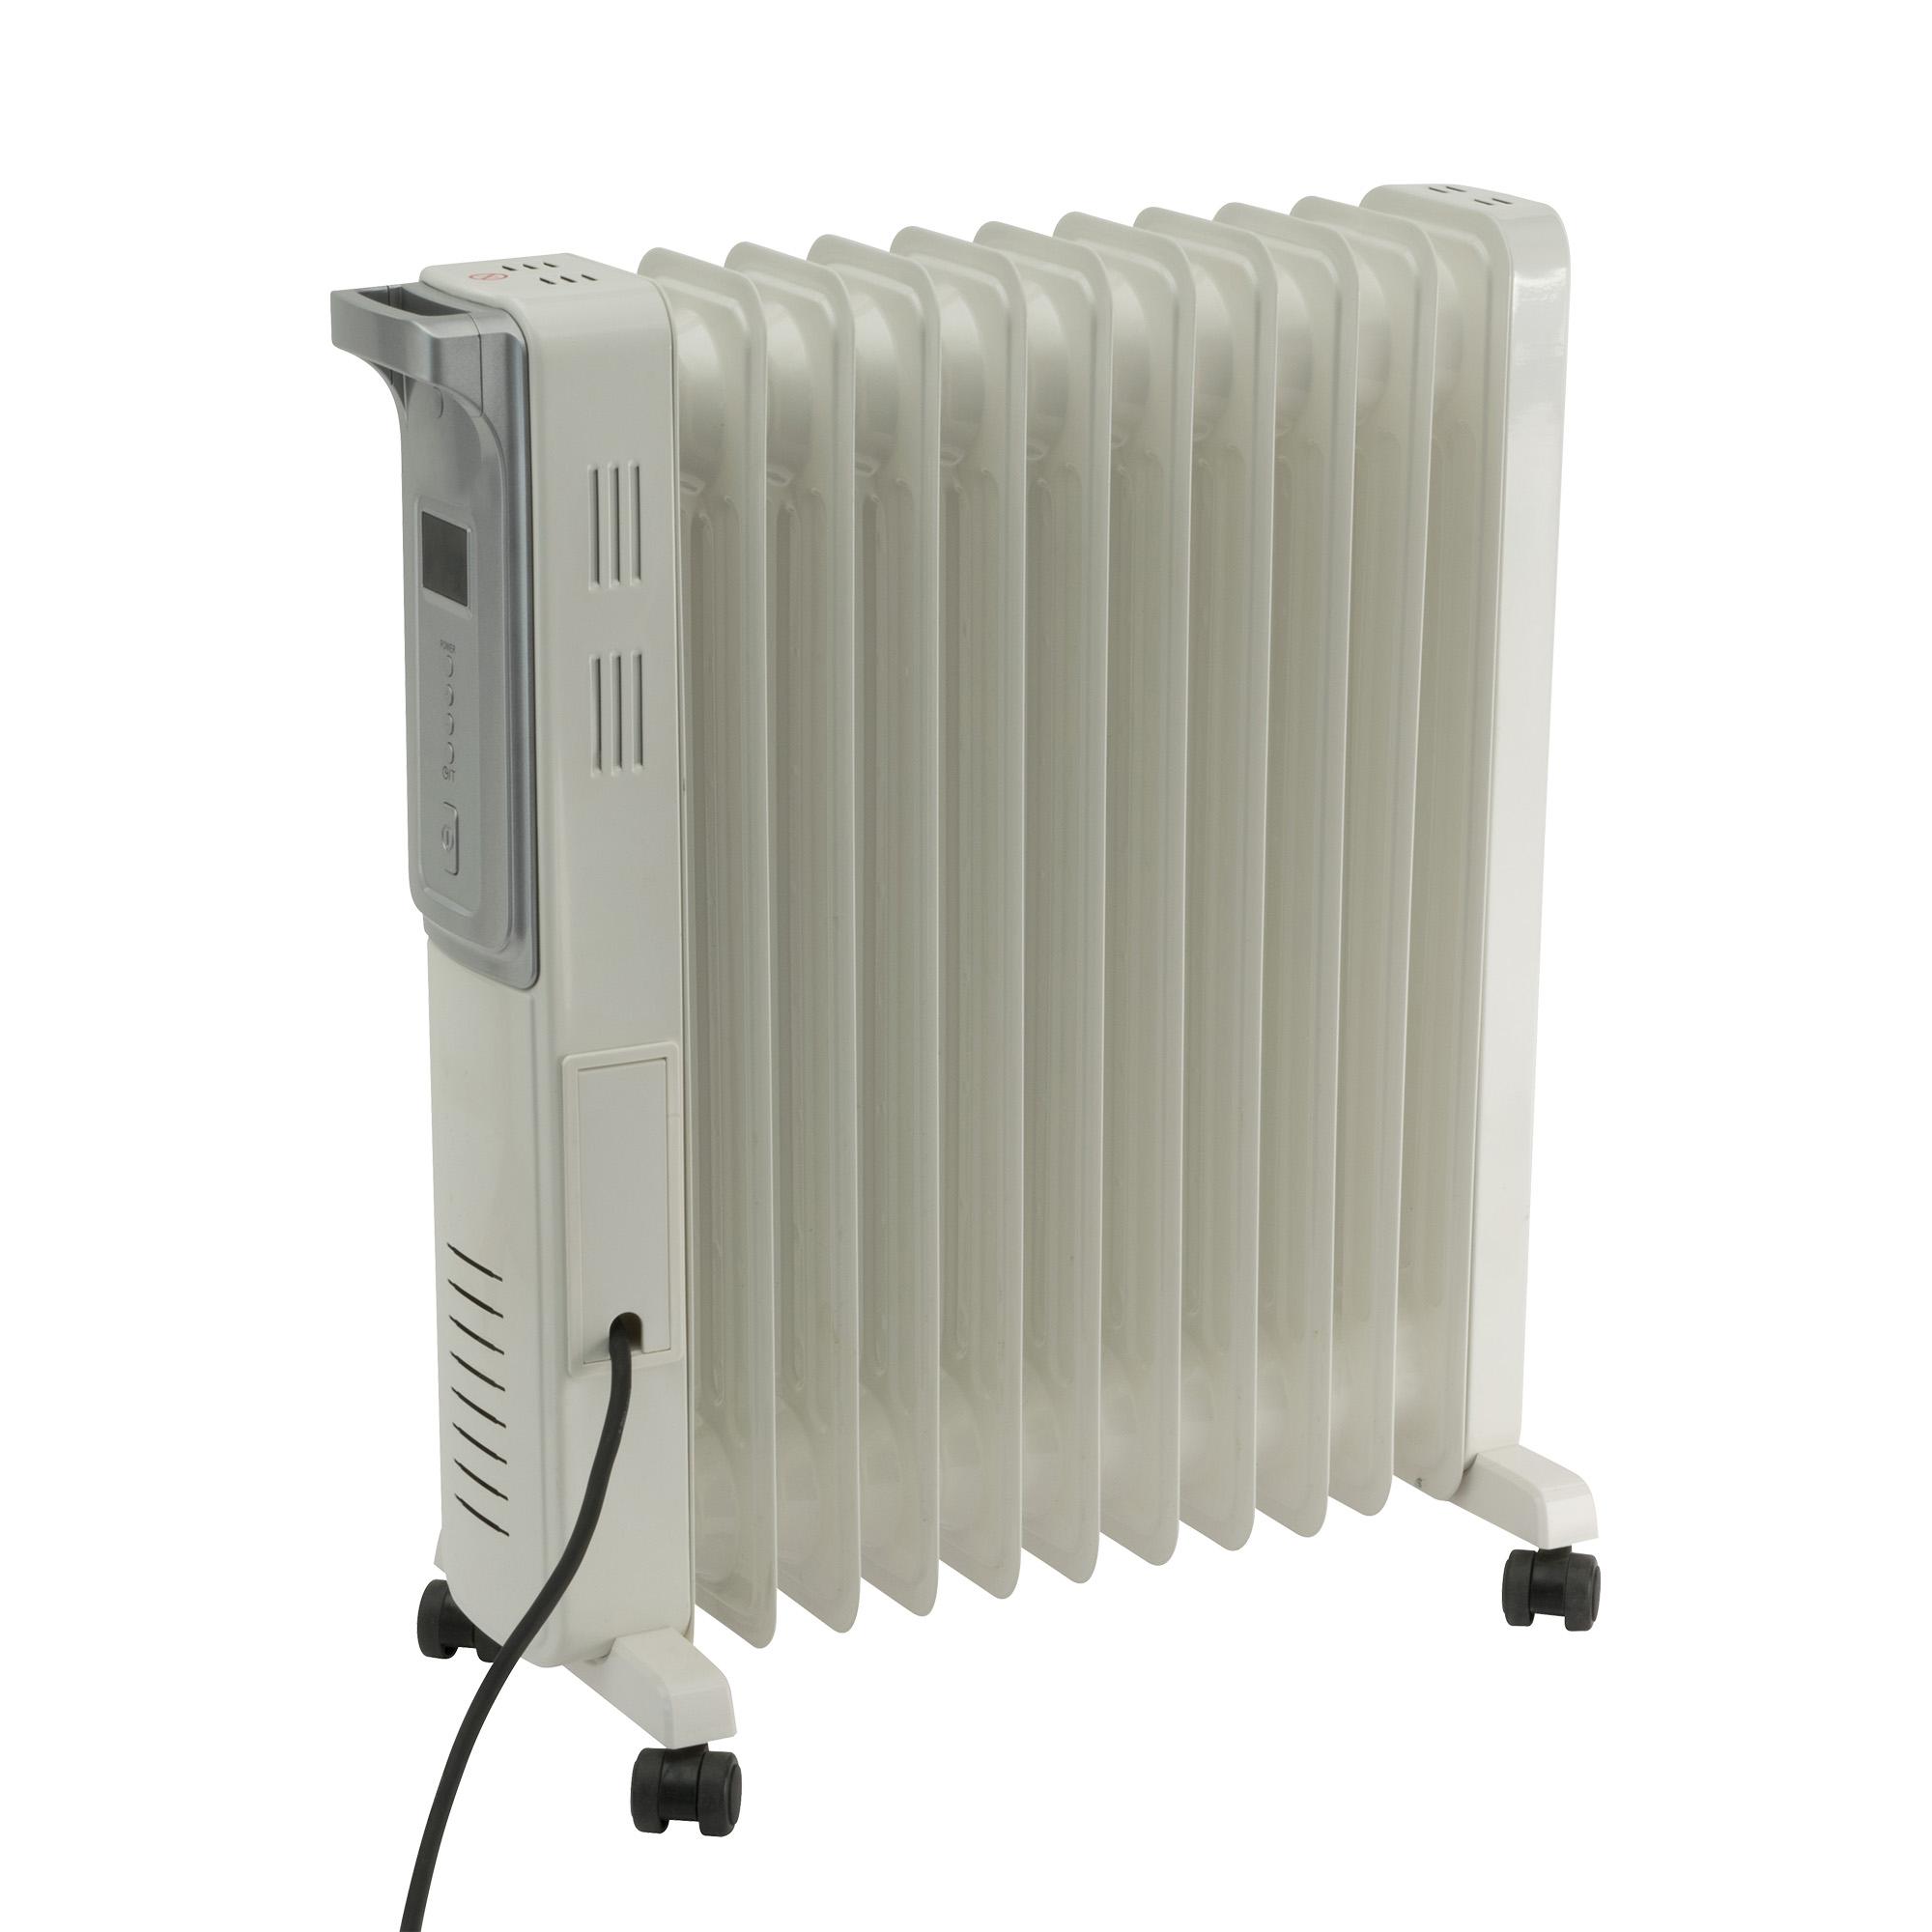 Calorifer electric cu ulei Home FKO 11 LCD, 2 panouri convectoare, 2200 W, aluminiu, alb, 63 x 52 cm imagine 2021 mathaus